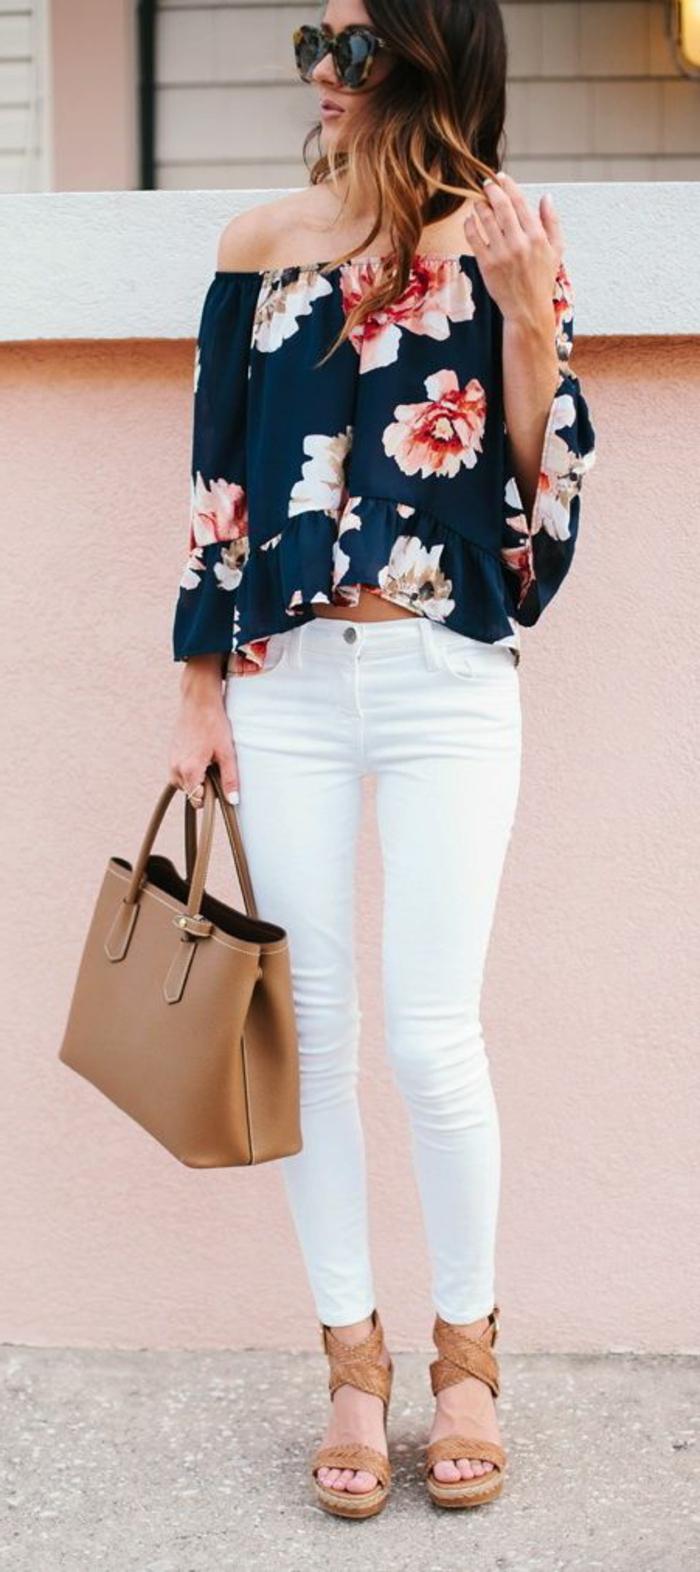 abbigliamento-casual-donna-pantalone-bianco-camicia-spalle-scoperte-zeppe-abbinate-borsa